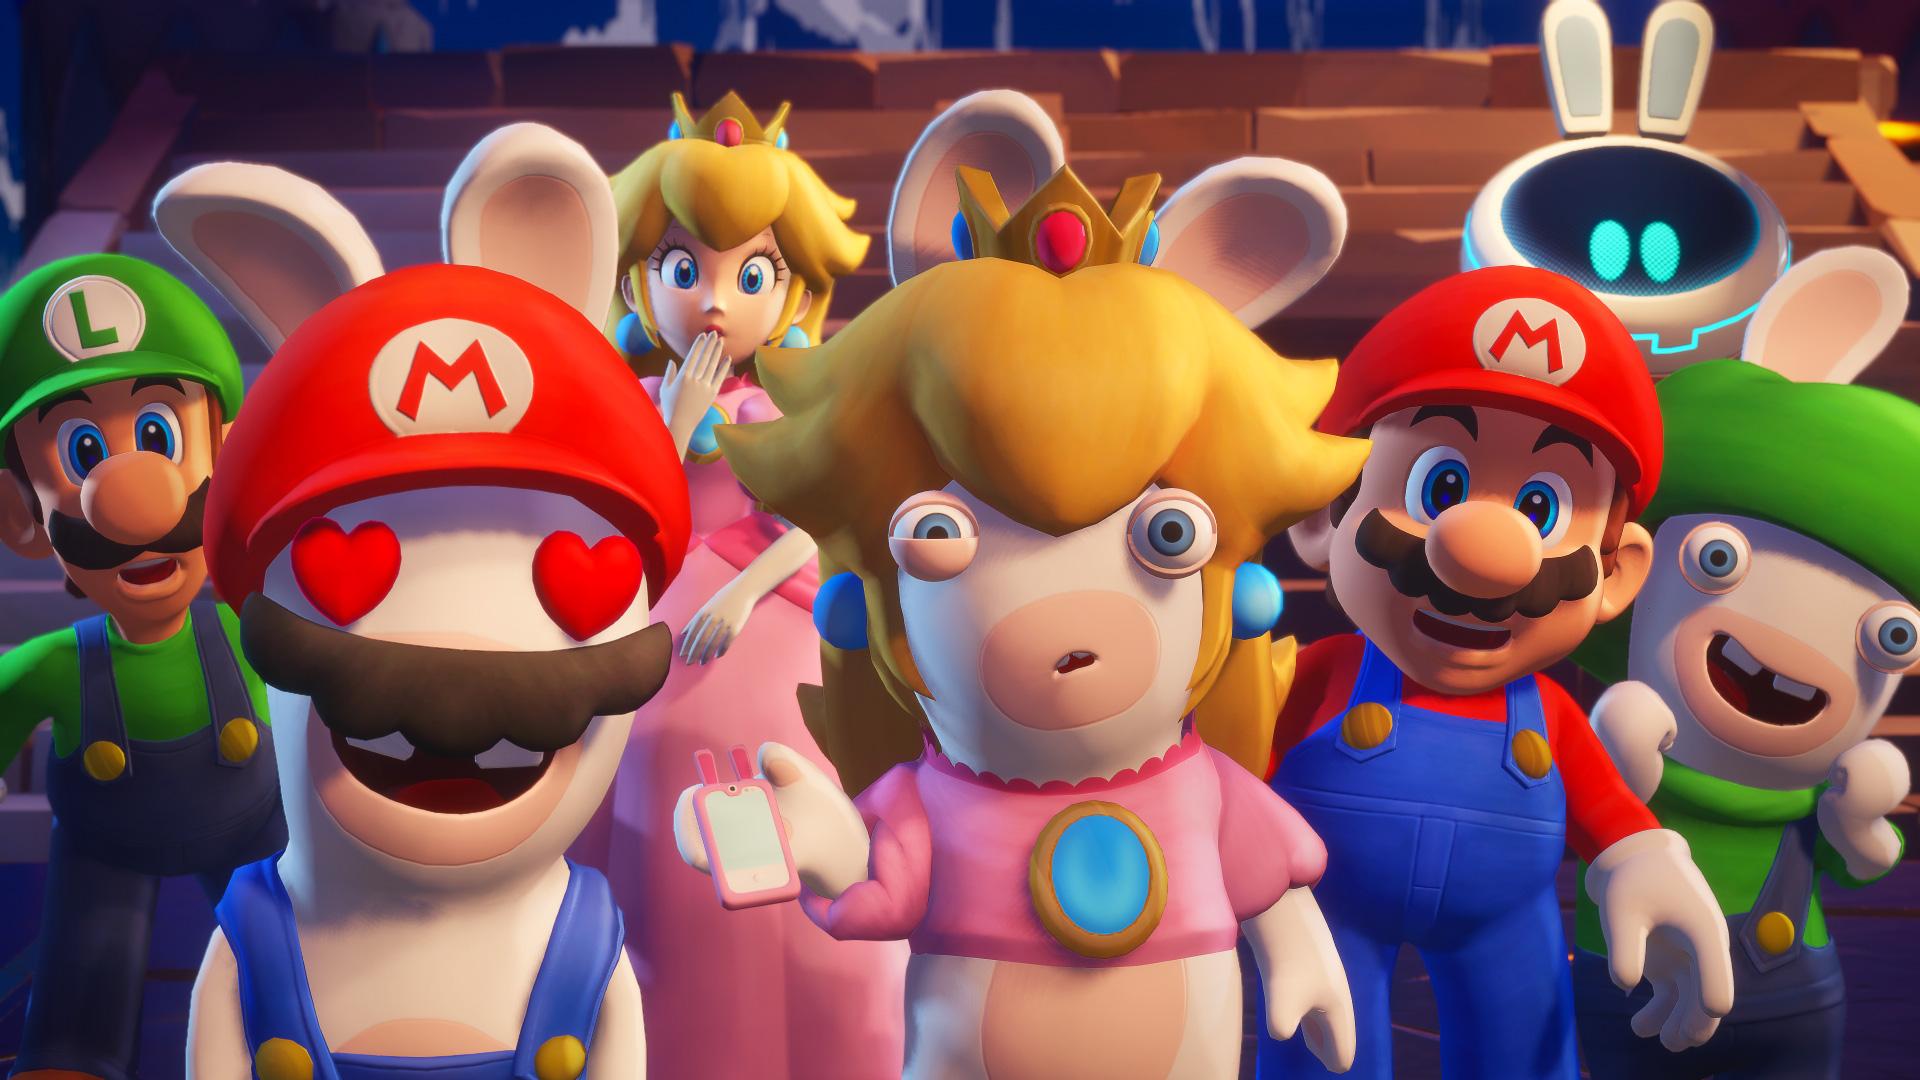 a group shot from Mario + Rabbids Sparks of Hope featuring Luigi, Rabbid Mario, Peach, Rabbid Peach, Mario, and Rabbid Luigi